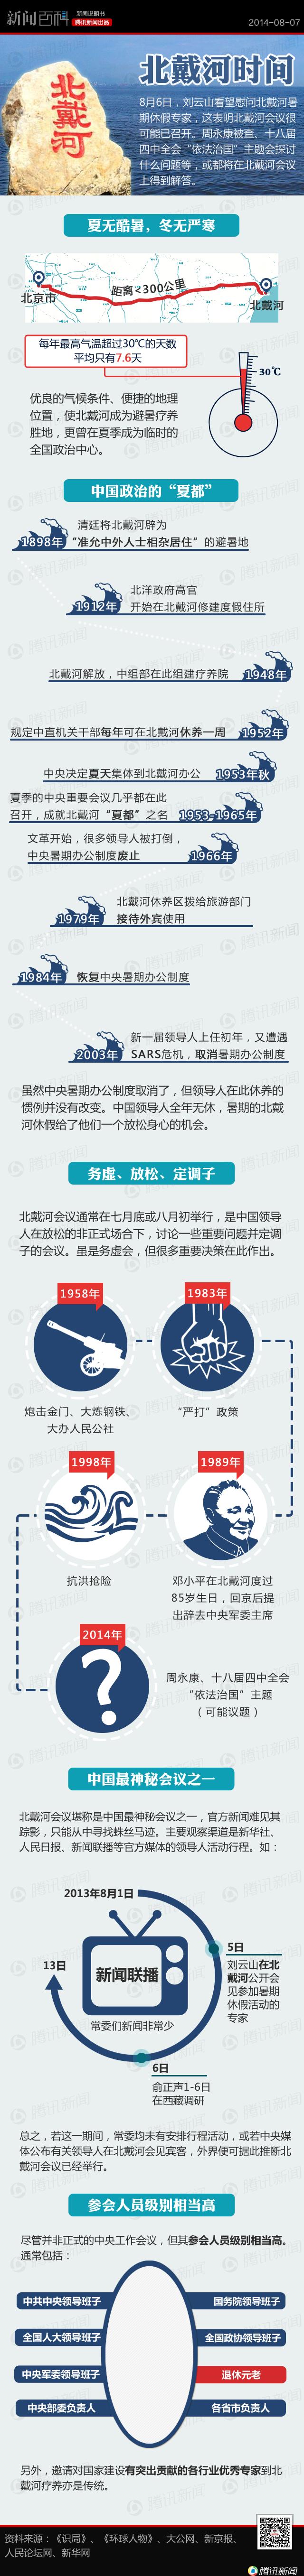 【图说天下】 神秘的北戴河 —— 中国政治的夏都  (水南星采编制作) - 水南星 - 欢迎光临水南星精品博园!